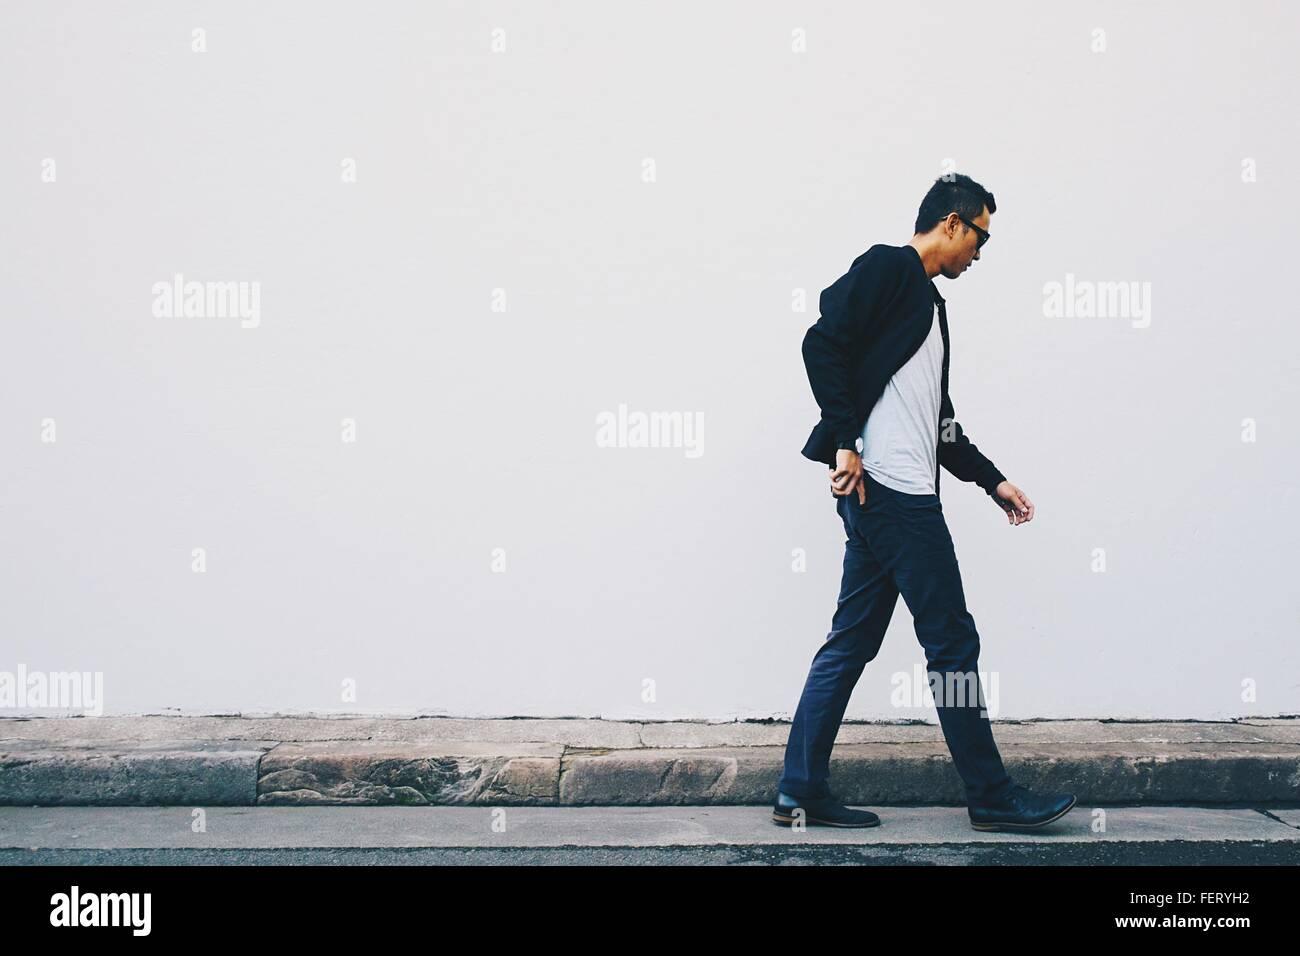 Giovane uomo a camminare sulla strada contro il muro bianco Immagini Stock